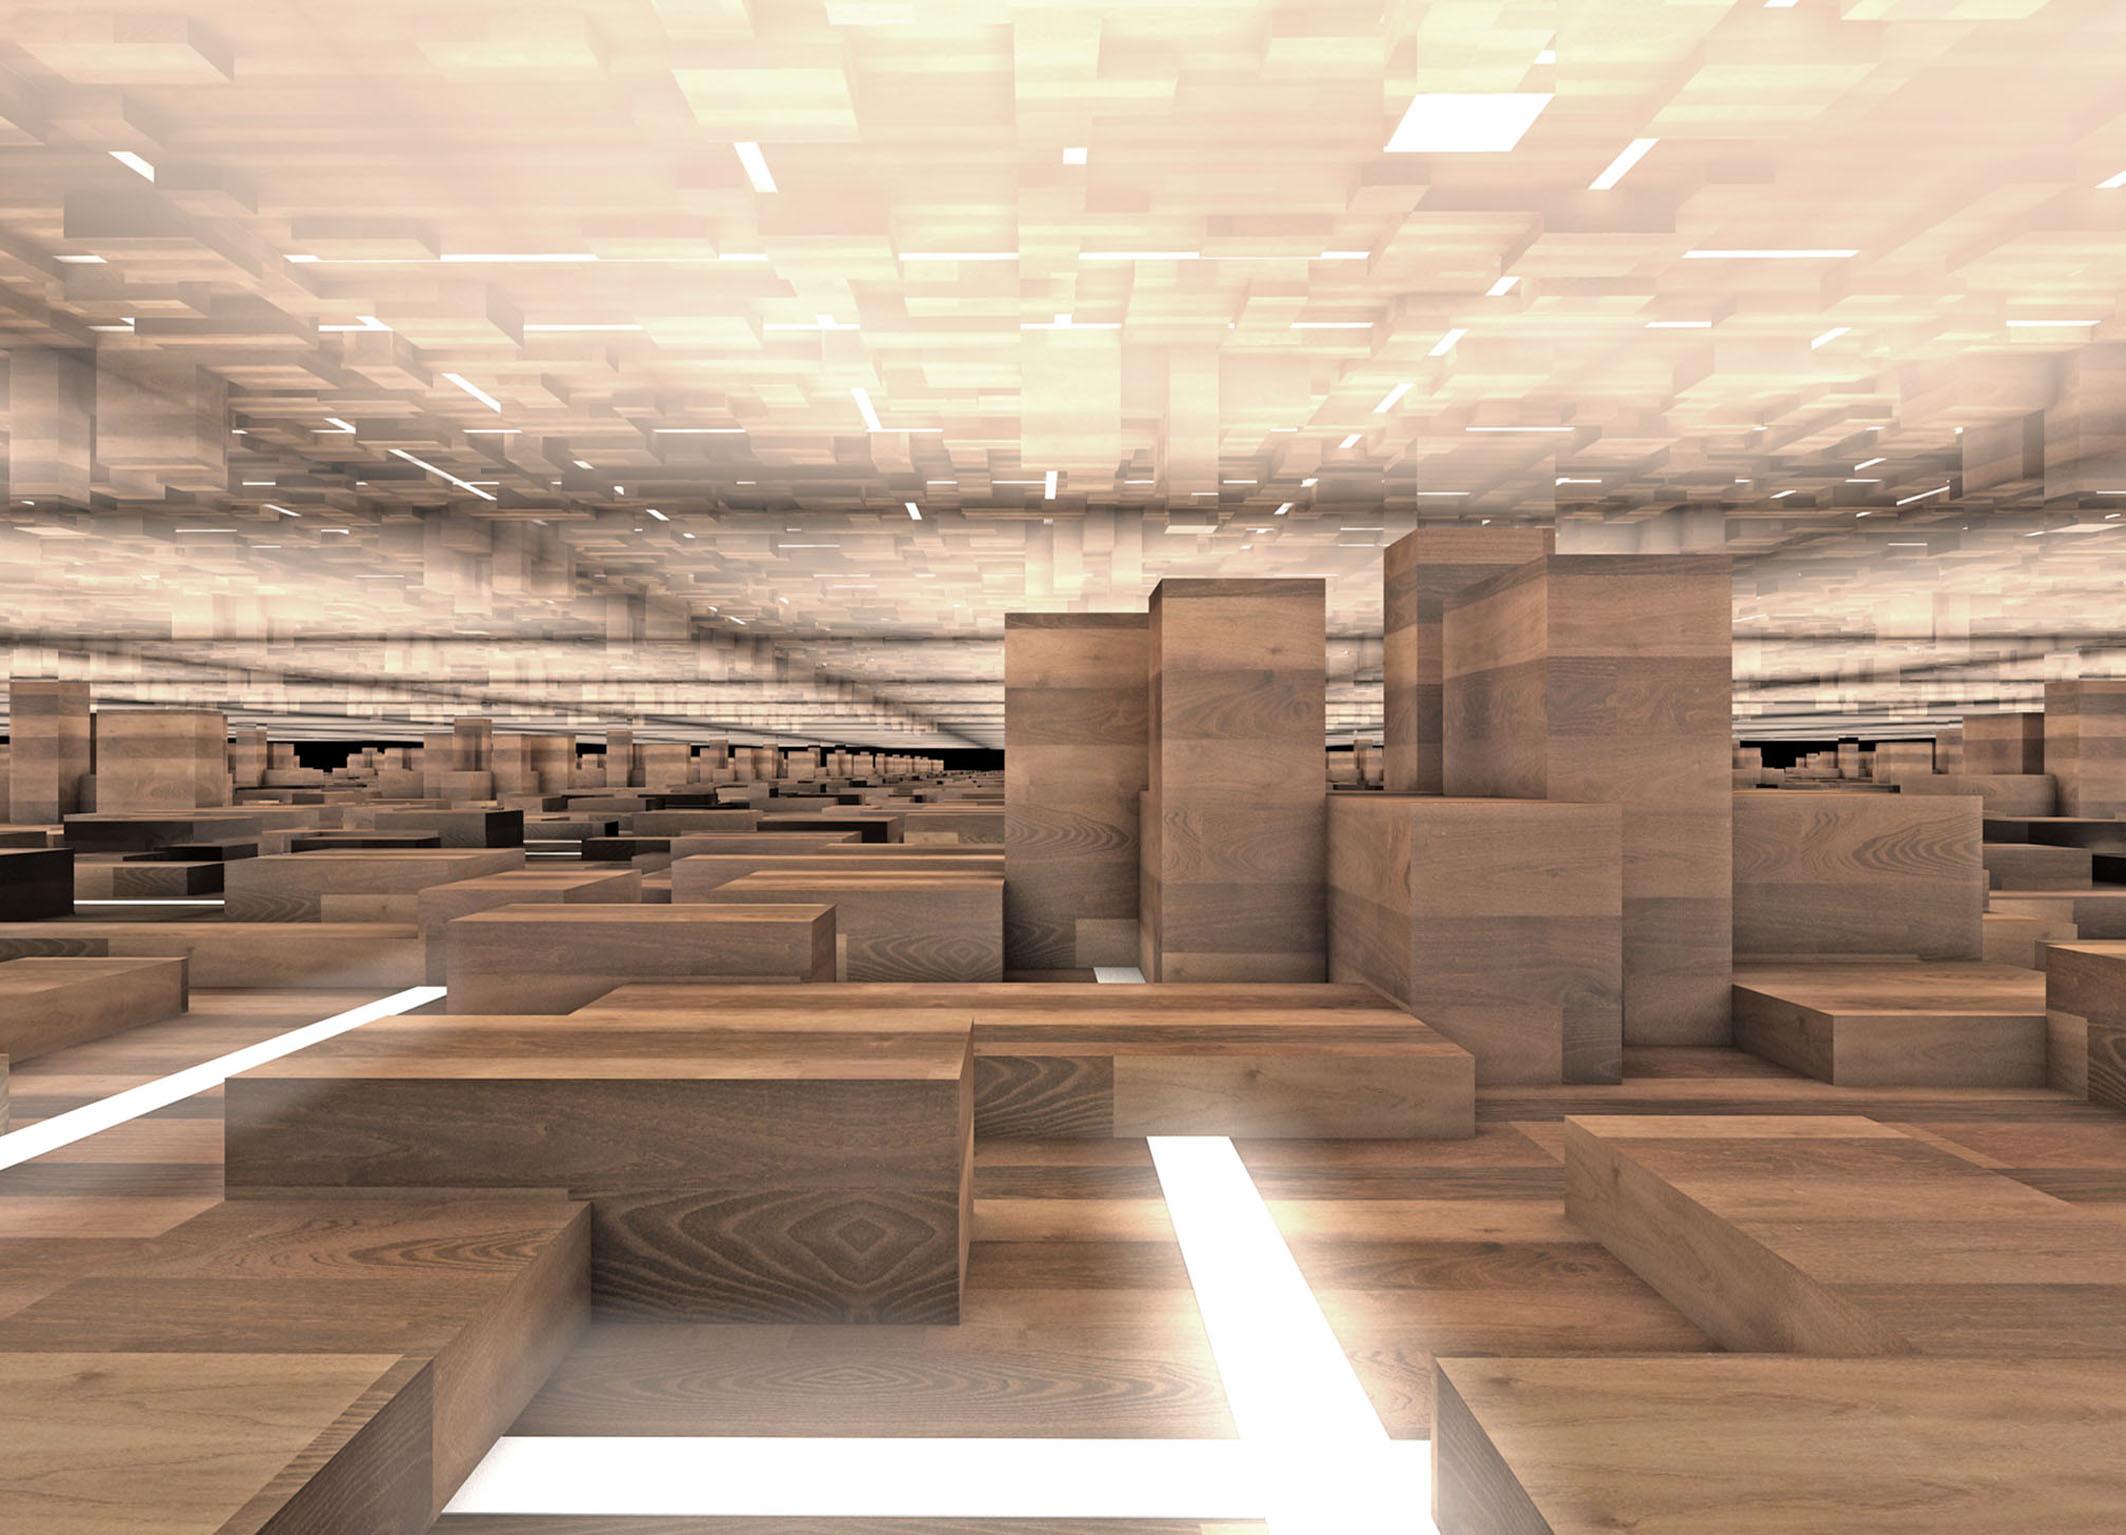 Bauwerk architekten und designer erfinden parkett neu - Bauwerk architekten ...